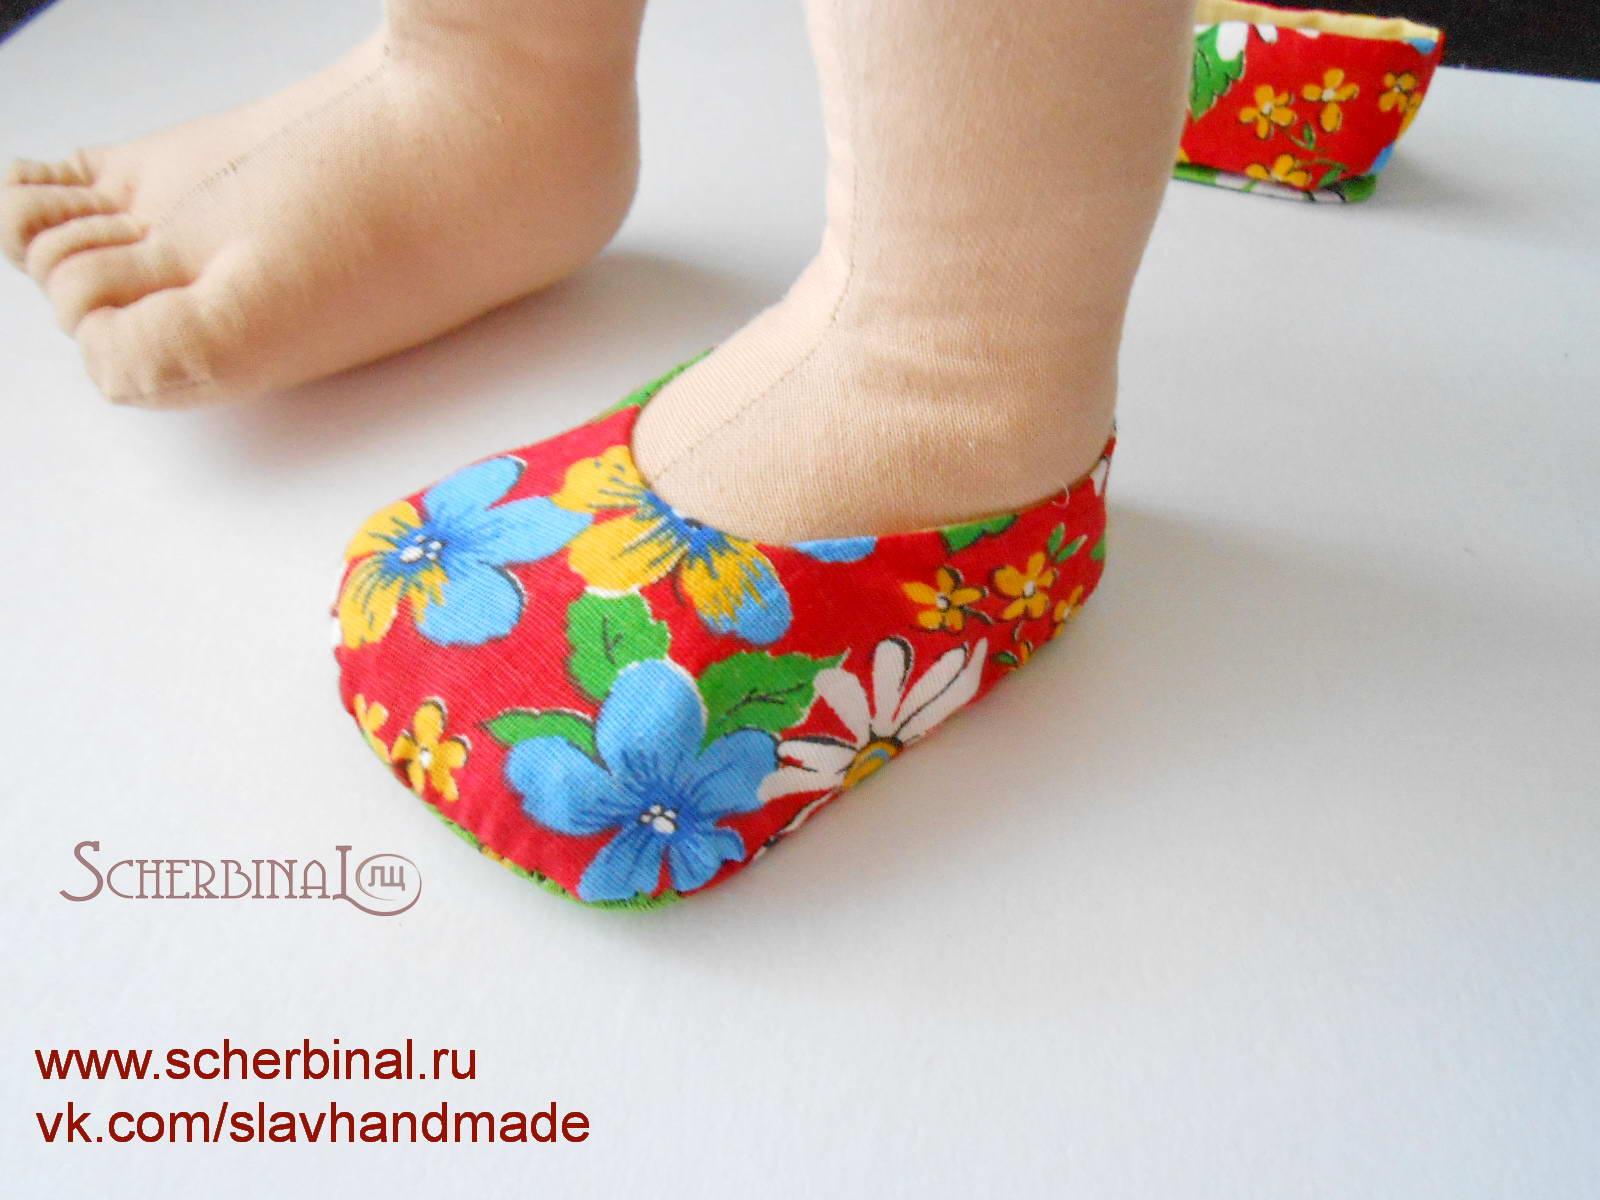 Шьем обувь для куклы мастер класс пошагово #1